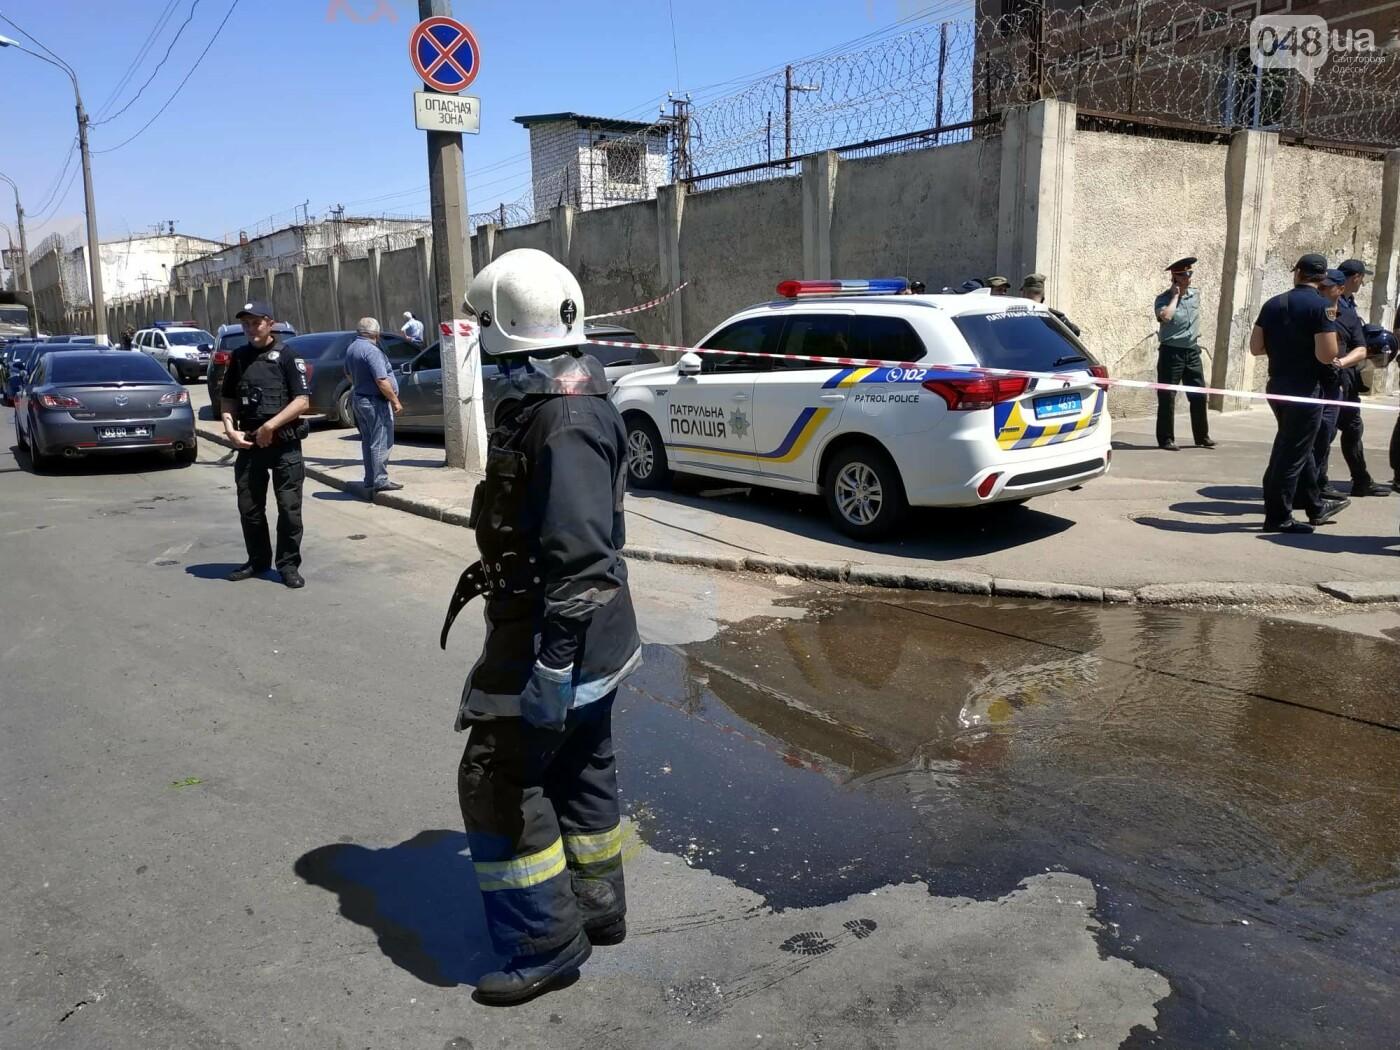 В одесской колонии горела машина, а не здание: ею пытались давить заключенных, - очевидец , фото-5